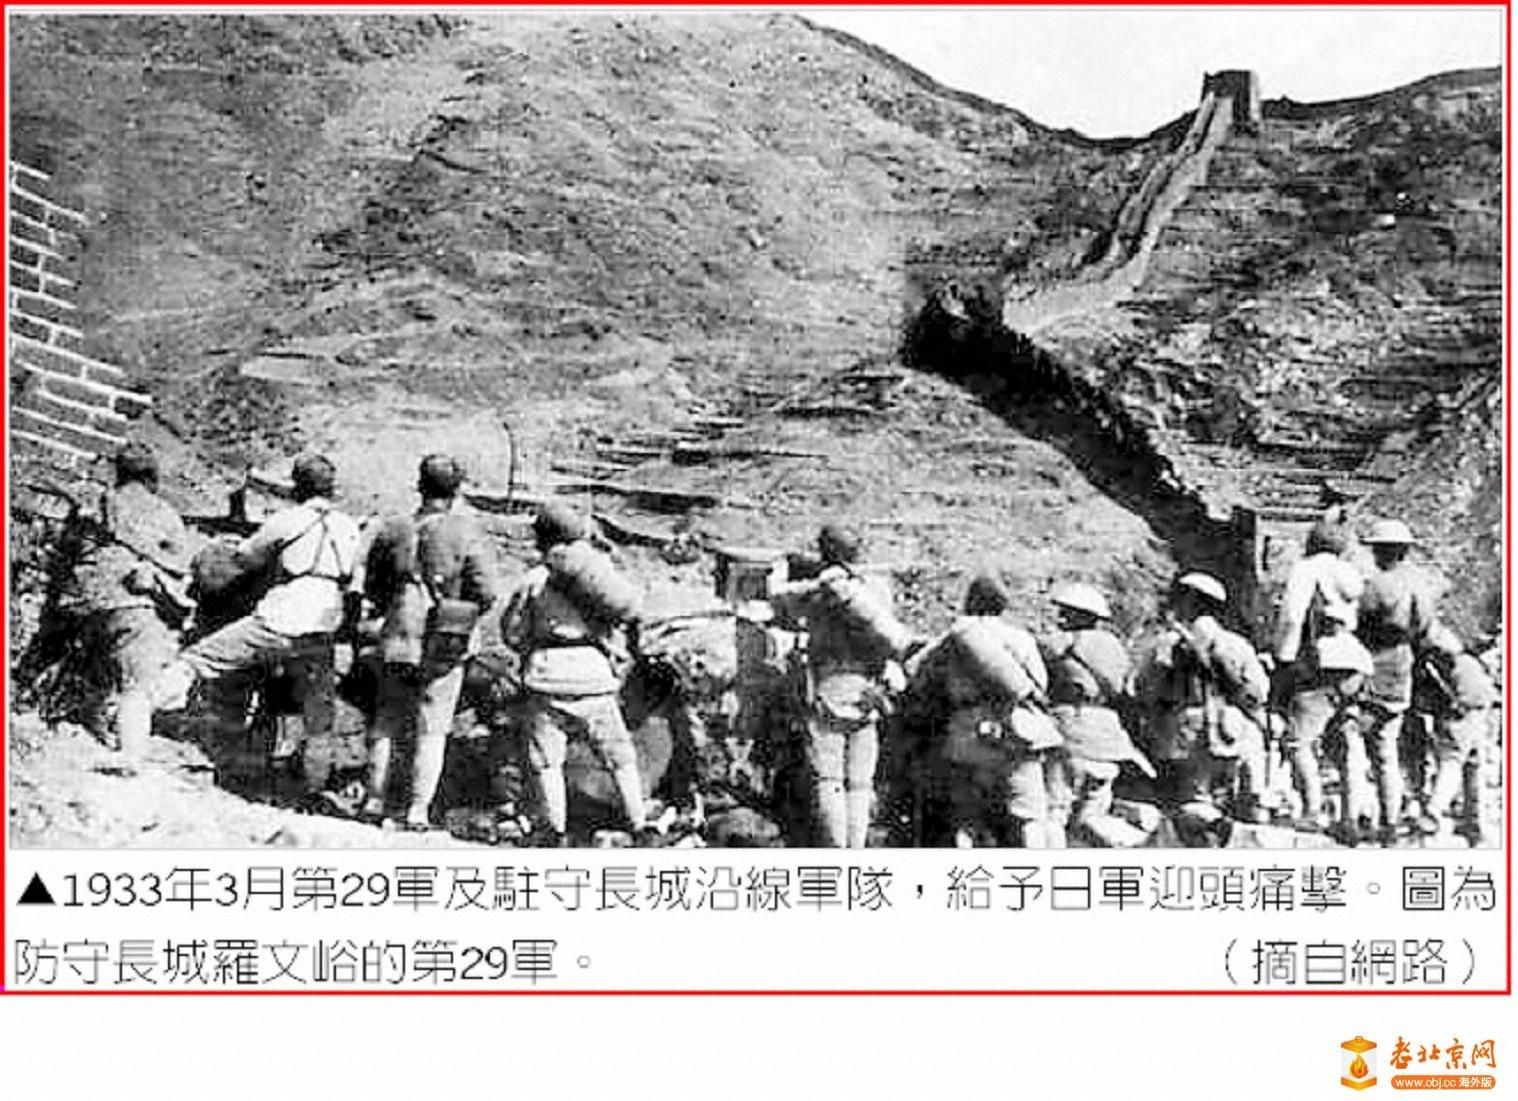 青天白日勋章的故事  最高规格表彰战斗英雄(之四)